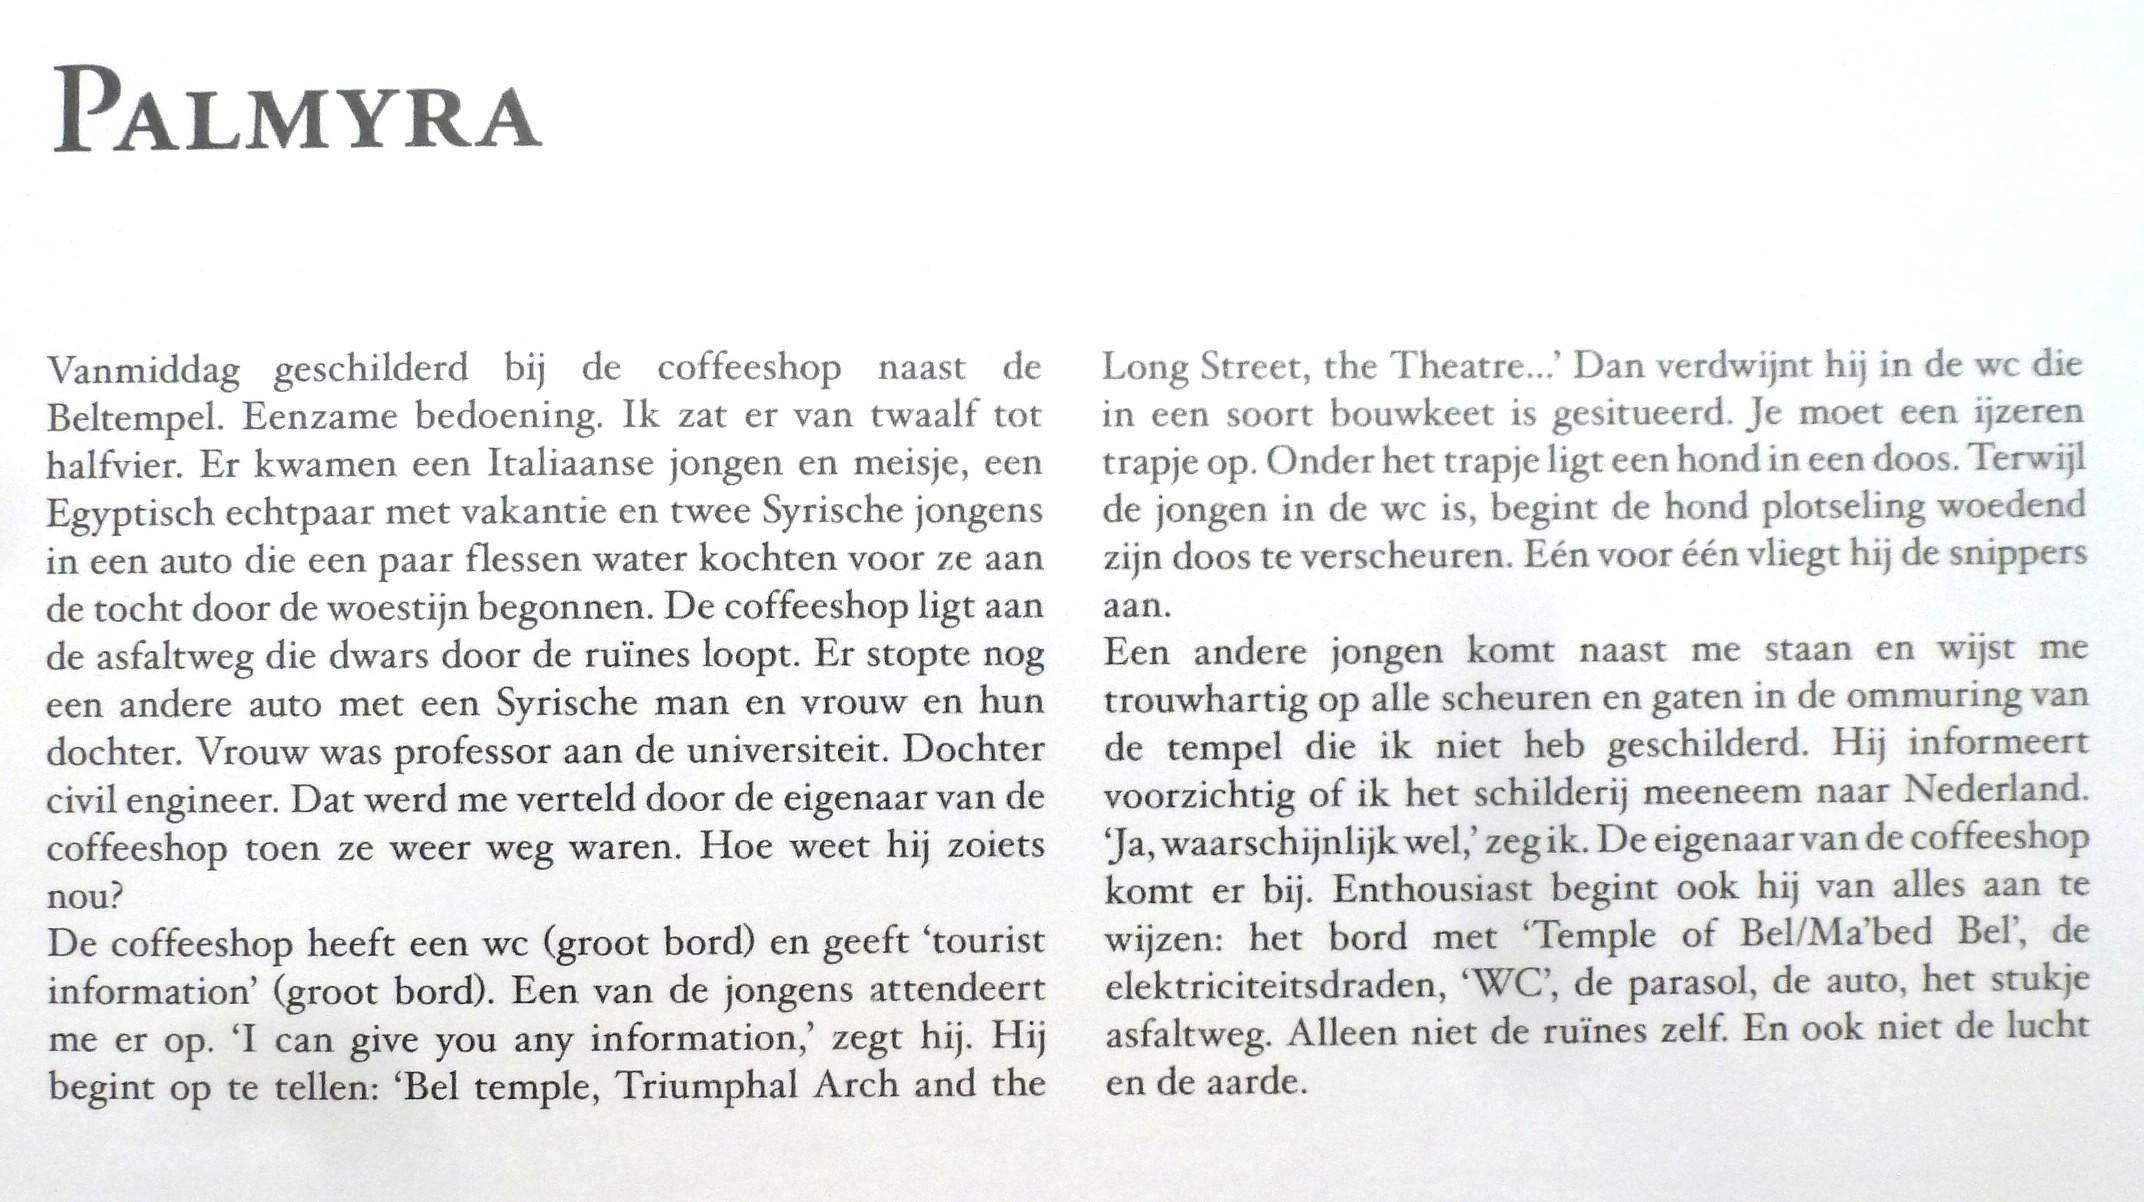 palmyra-text